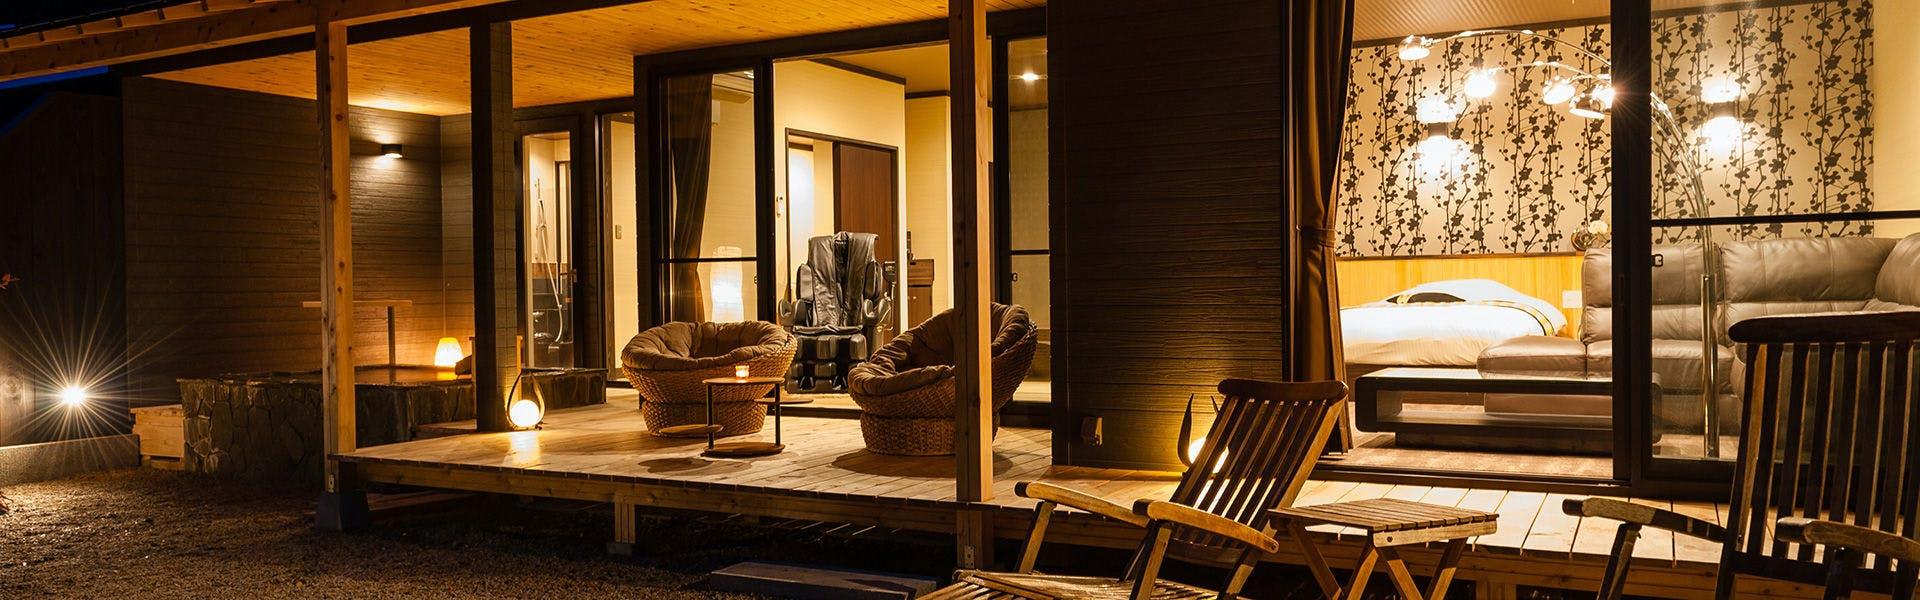 記念日におすすめのホテル・離れの宿 楓音(かのん)の写真2